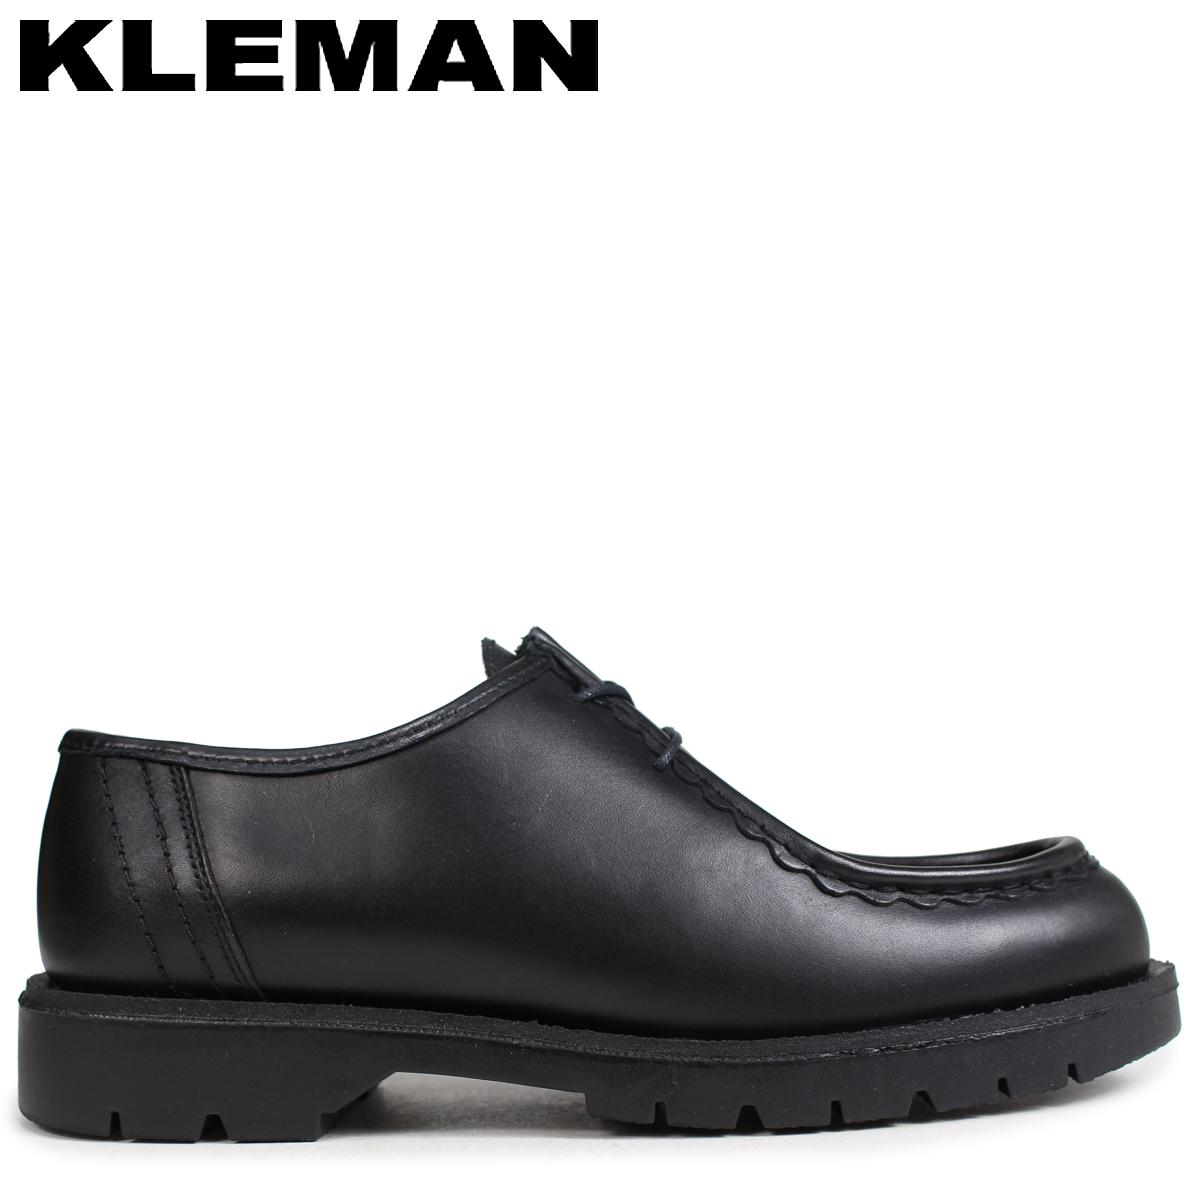 クレマン KLEMAN PADROR 靴 チロリアン シューズ メンズ TYROLEAN SHOES ブラック VA72102 [4/3 再入荷]